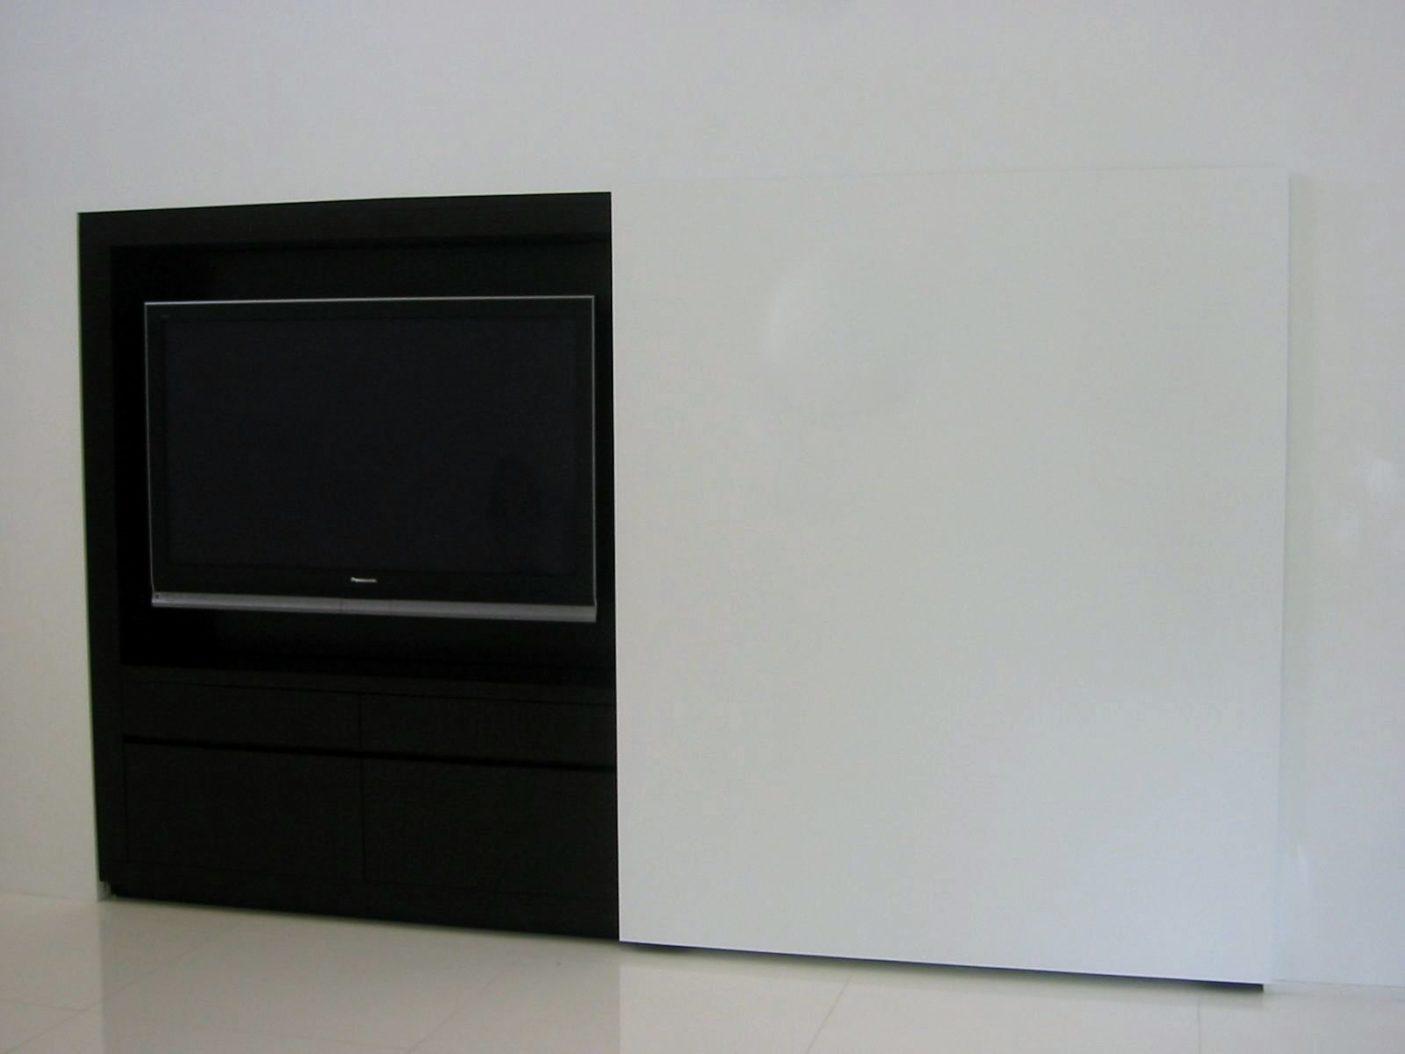 TvCabinet-35.jpg